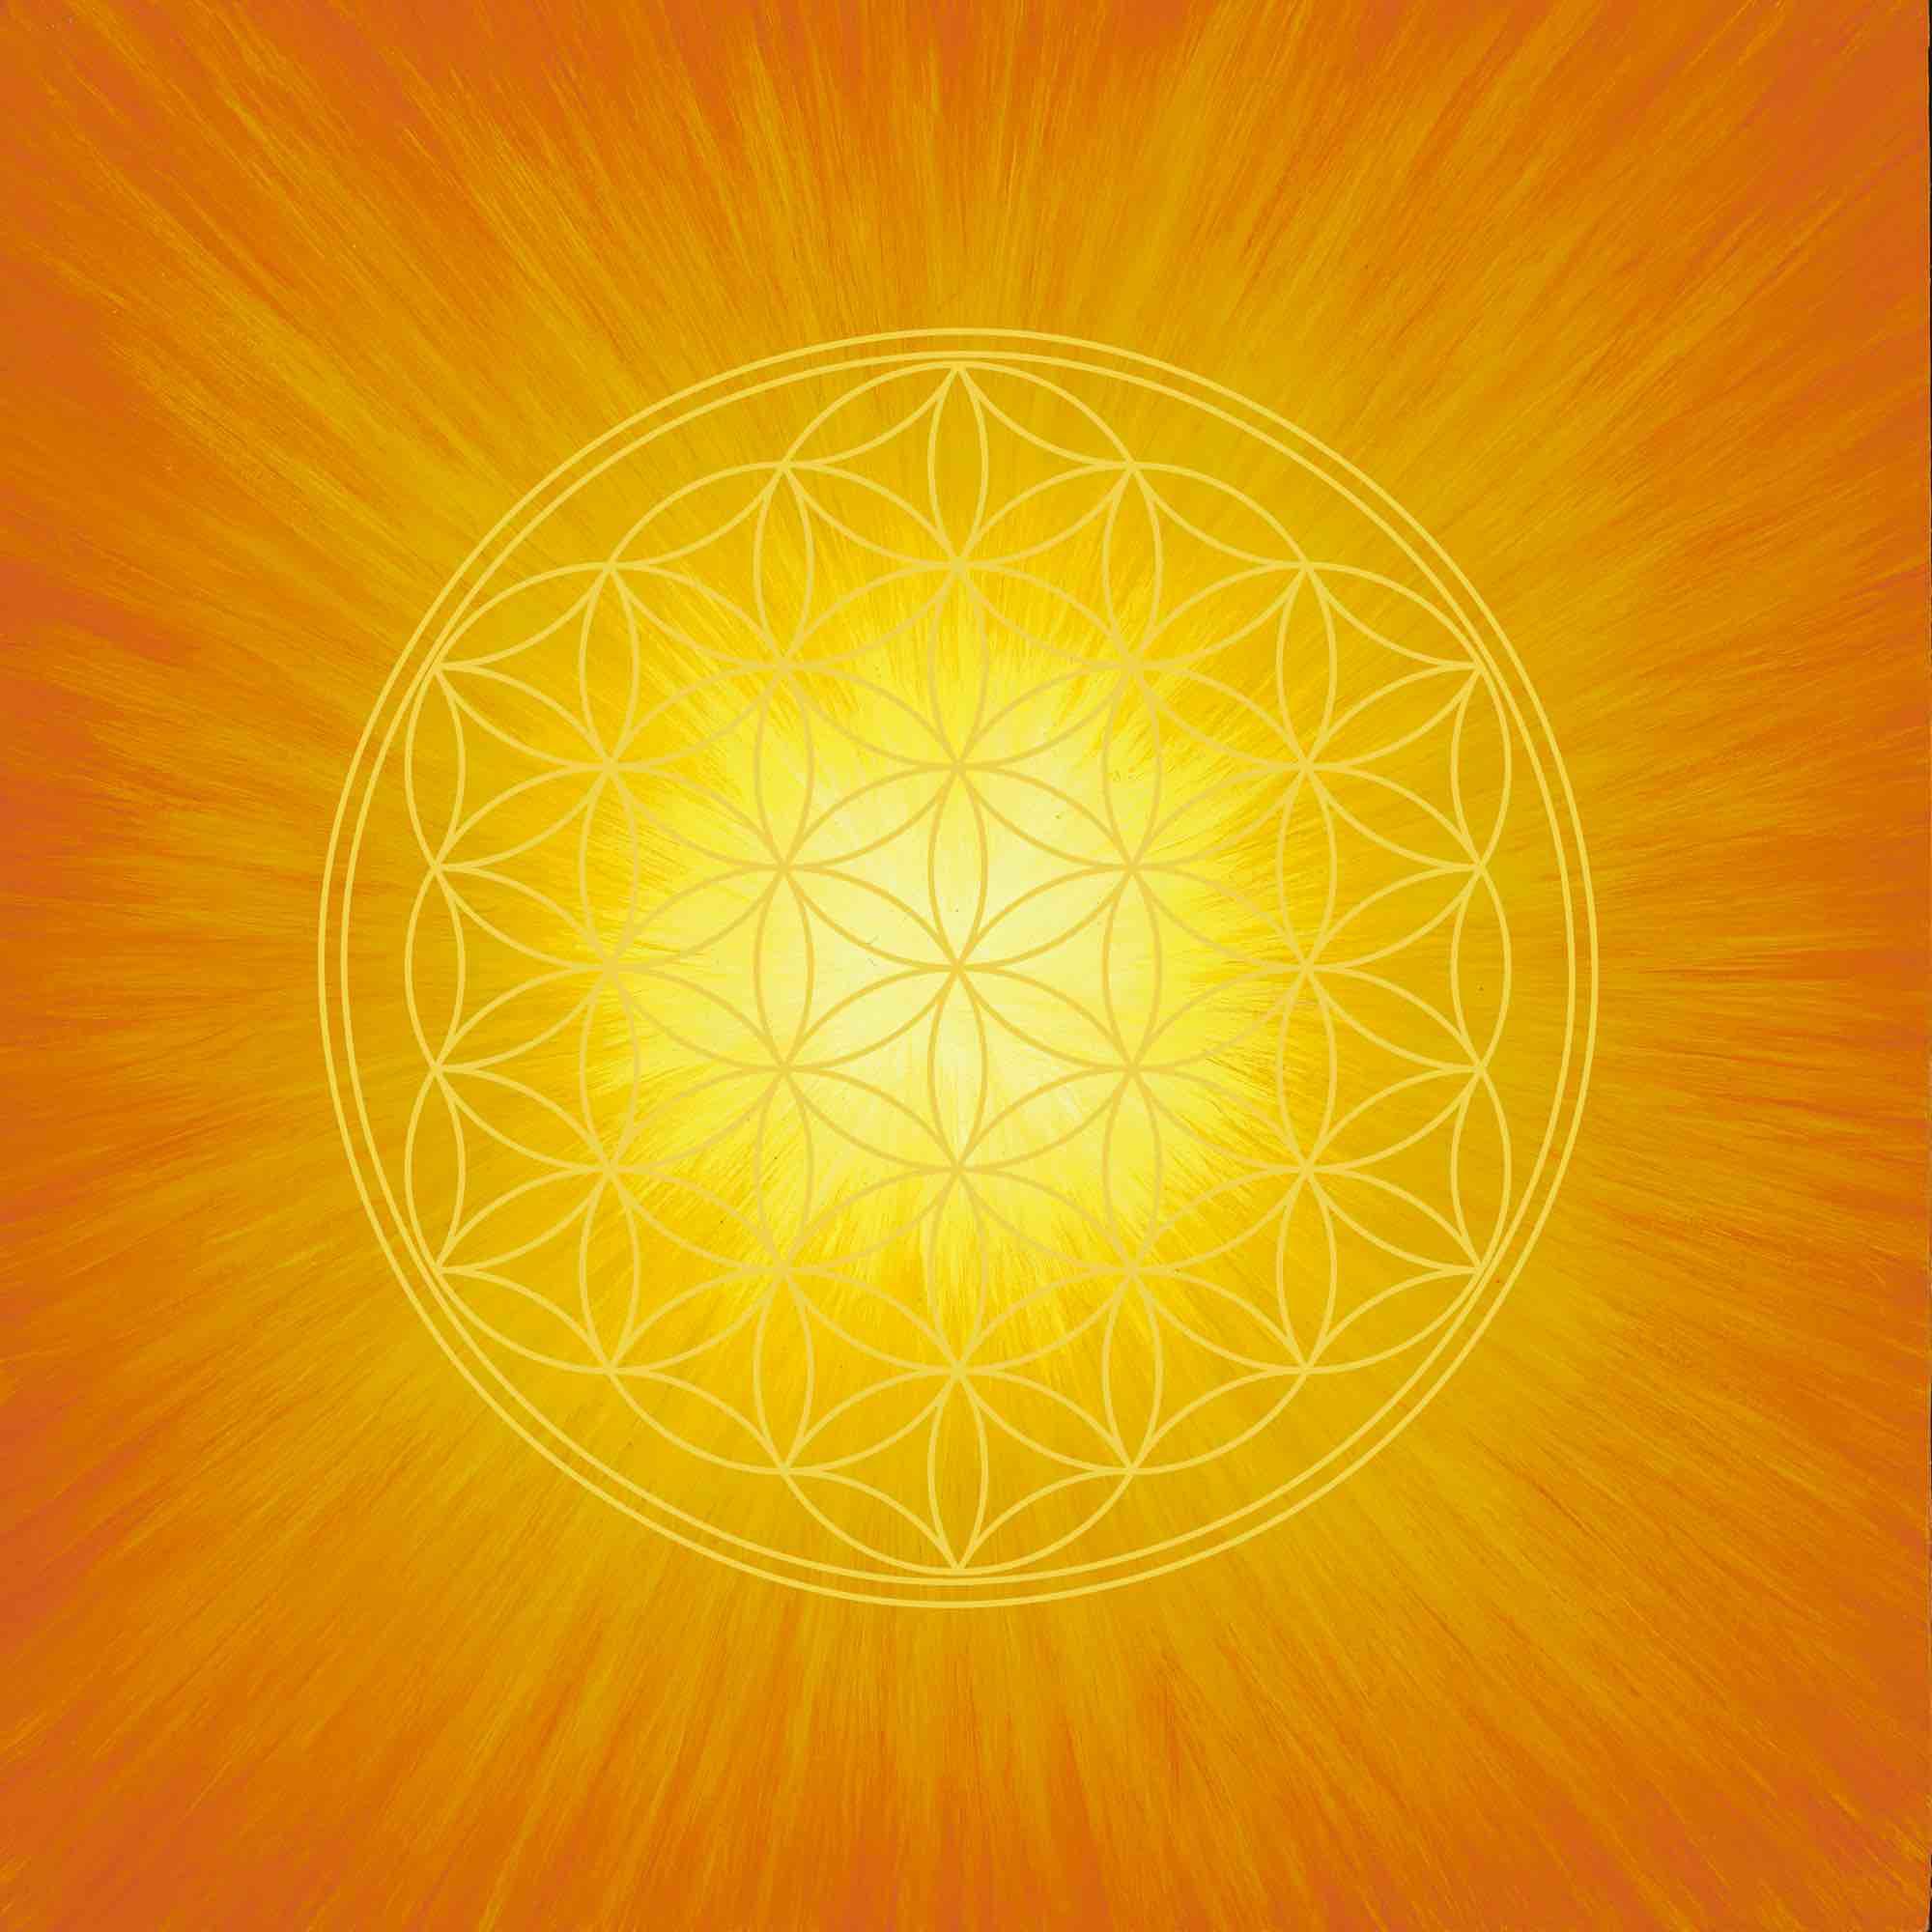 Leinwanddruck - Blume des Lebens - Strahlenblume Orange